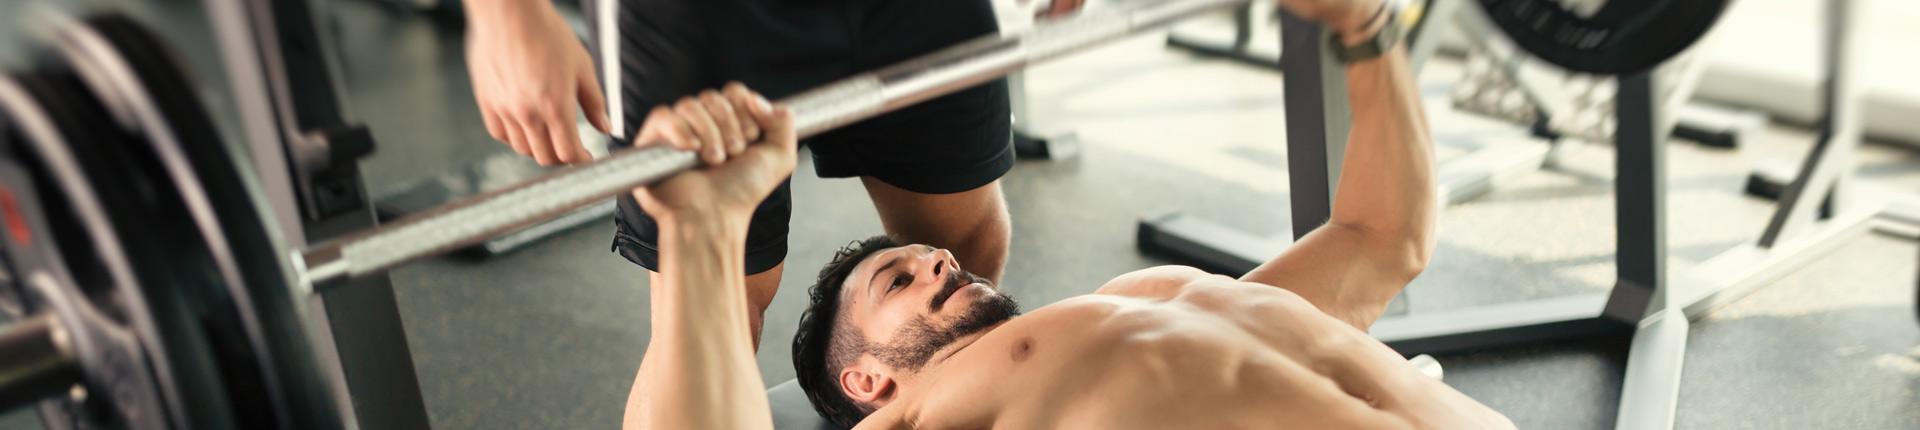 Czy warto bić swoje rekordy siłowe?